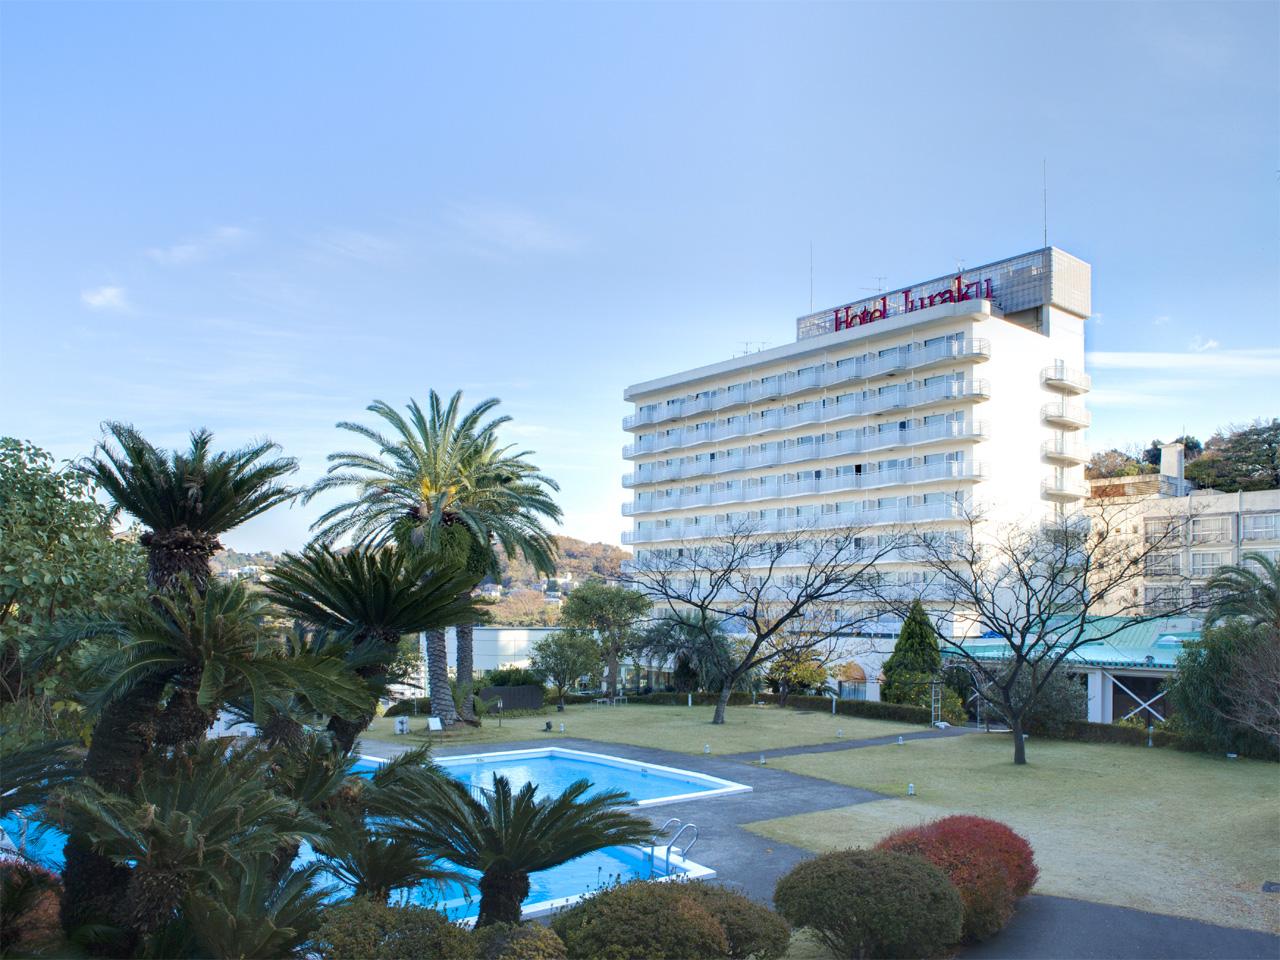 聚楽 ホテル ホテル聚楽(じゅらく)公式ホームページ 水上温泉